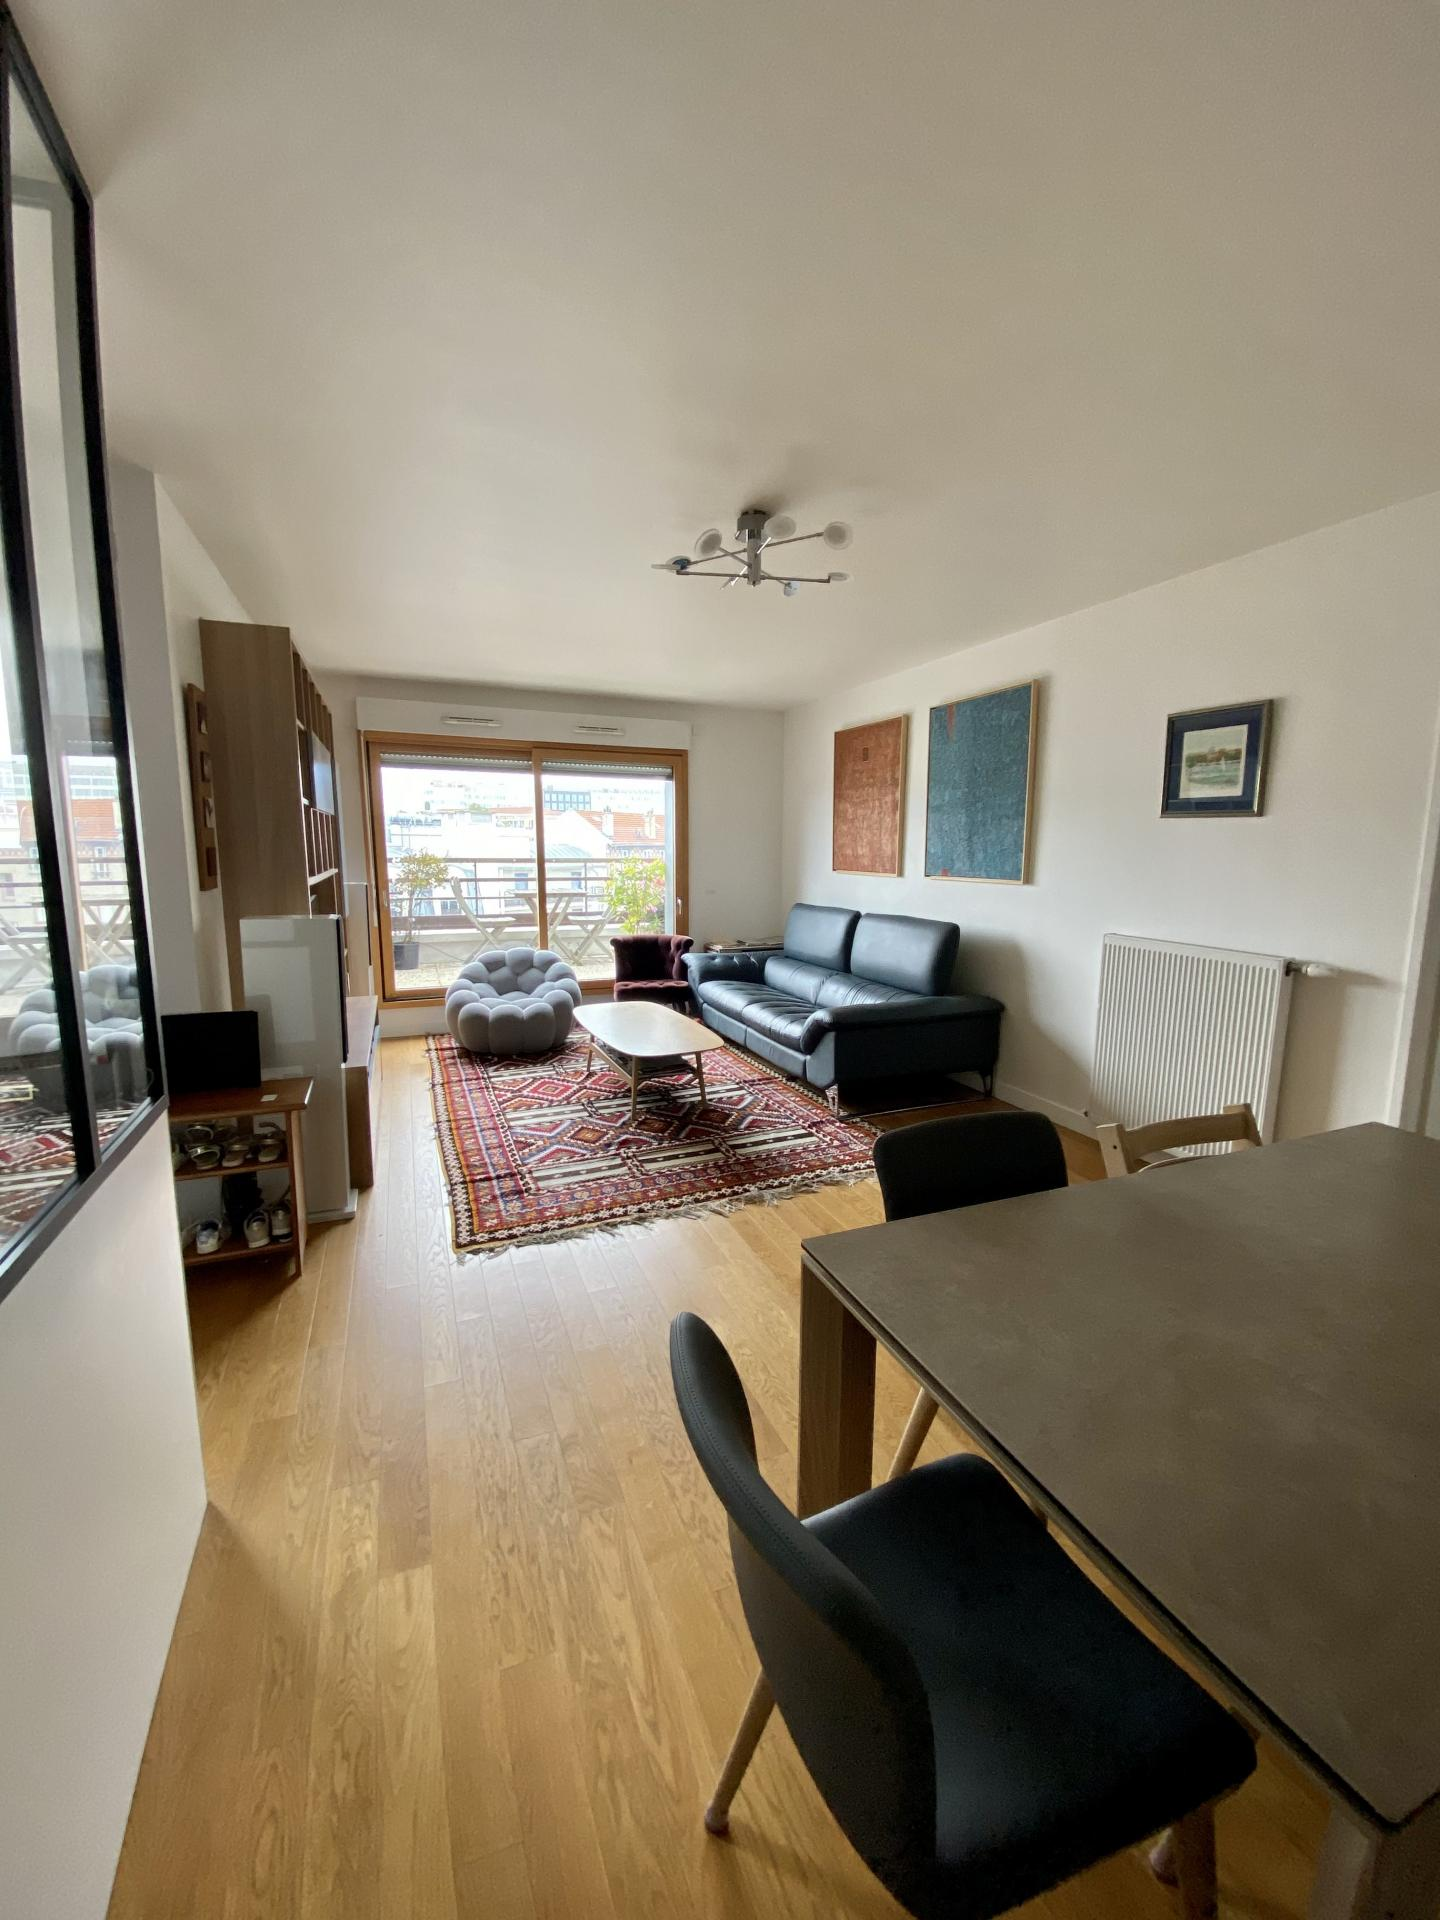 Appartement familial de 5 pièces avec 4 chambres à ARCUEIL